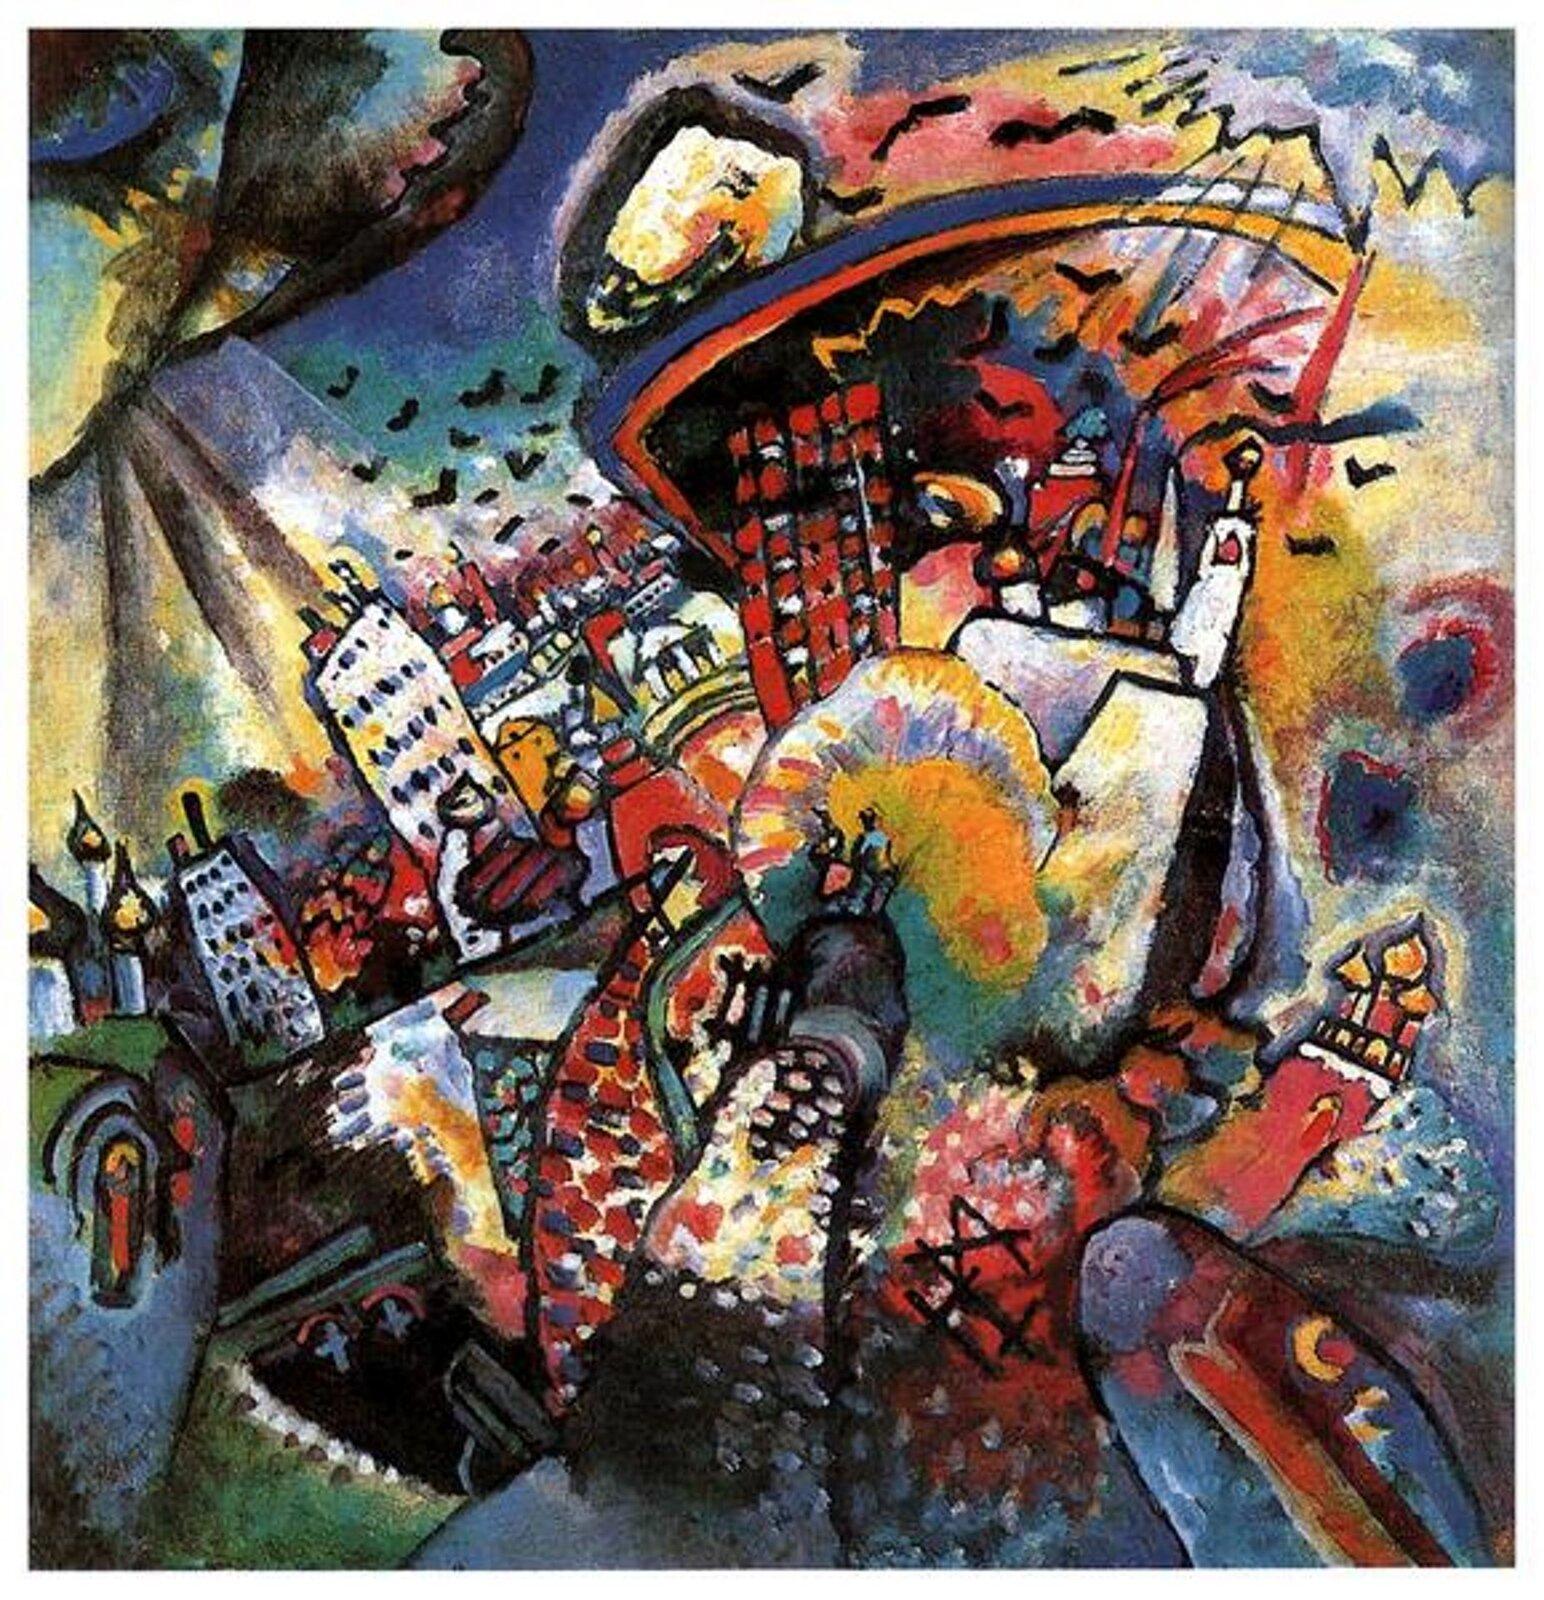 """Ilustracja przedstawia obraz Wassilego Kandinskiego """"Moskwa I"""". Ukazuje Plac Czerwony zkrajobrazem miejskim. Kształty są zdynamizowane, miasto zaczyna wibrować. Malarz stosuje deformację iżywe kolory, akształty wyodrębnia za pomocą czarnego konturu, którym oddziela plamy barwne. Nad miastem unosi się stado ptaków. Zchmur wybywają się smugi światła. Na środku obrazu znajduje się miniaturowa para małych ludzi otoczona przez miasto."""